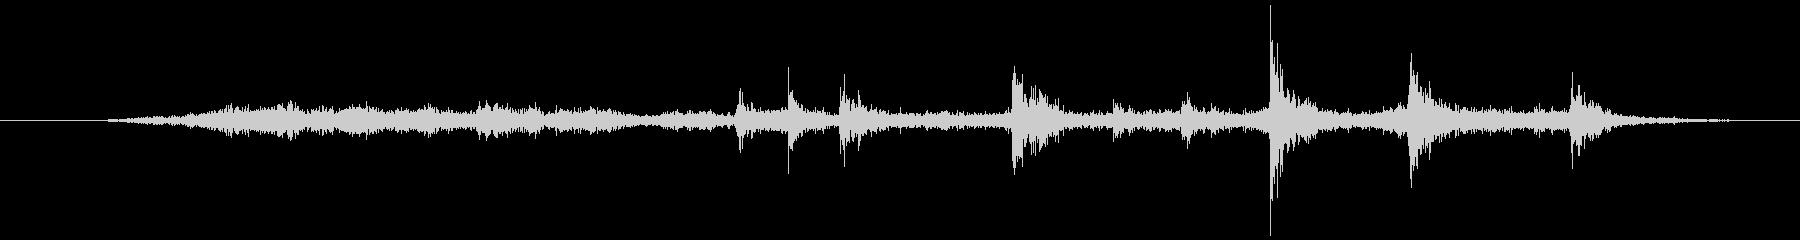 ポータブルメタルワークベンチ:プラ...の未再生の波形